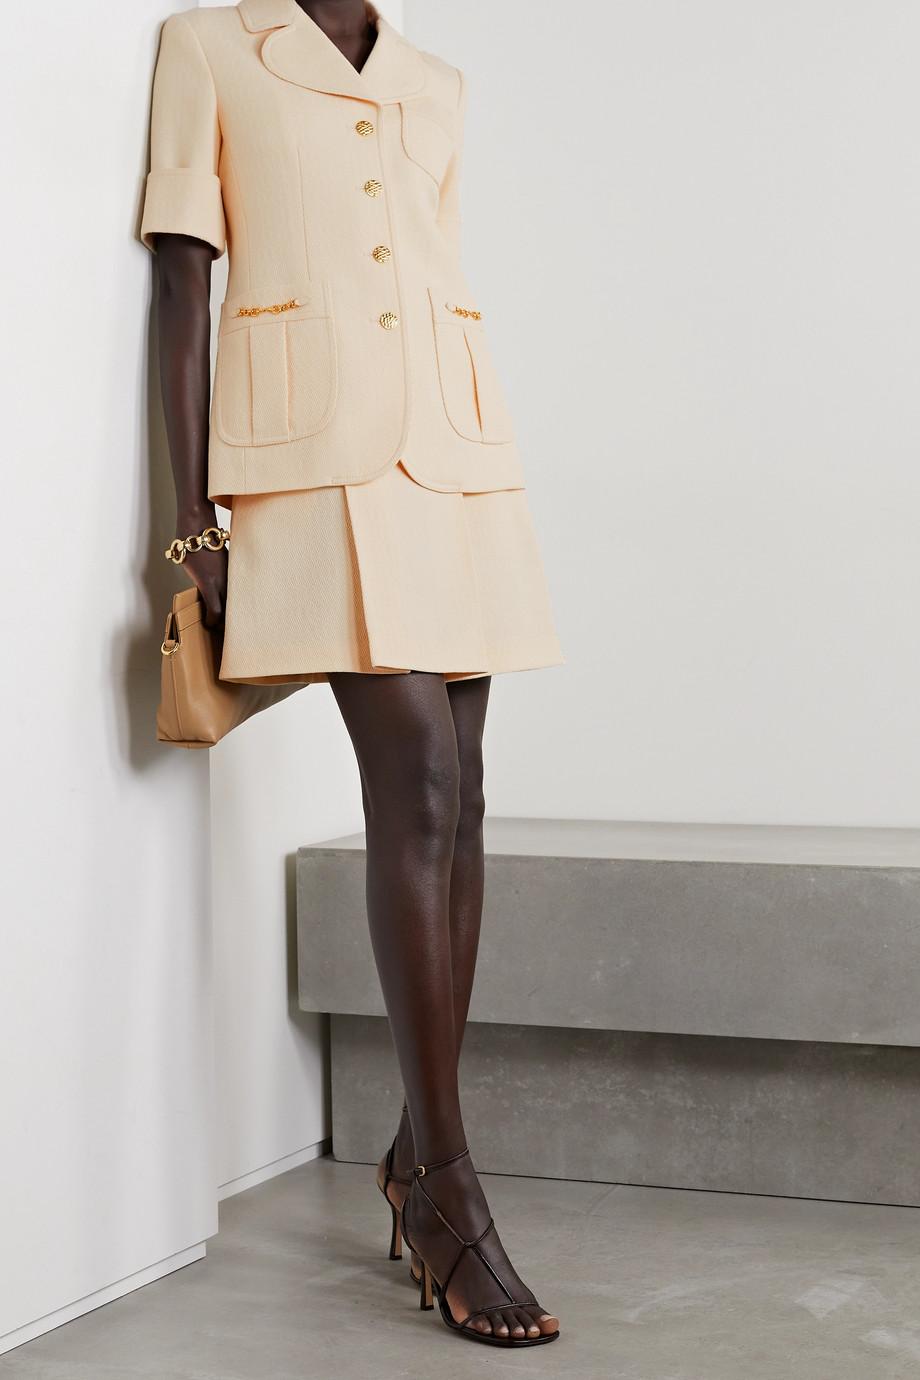 Gucci Minirock aus Woll-Jacquard mit Horsebit-Details